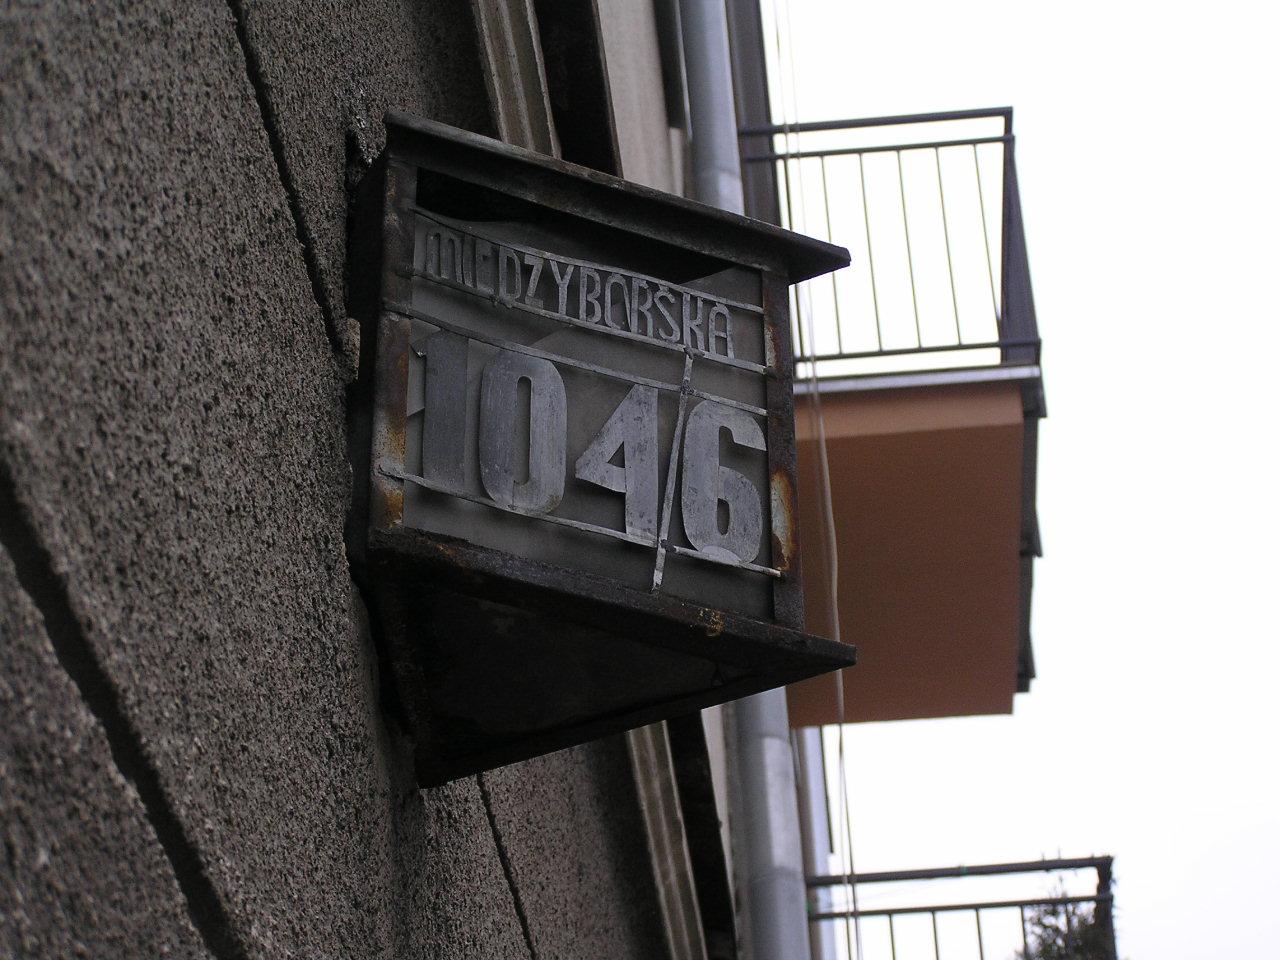 Latarenka adresowa przy ulicy Międzyborskiej 104/106 na Grochowie